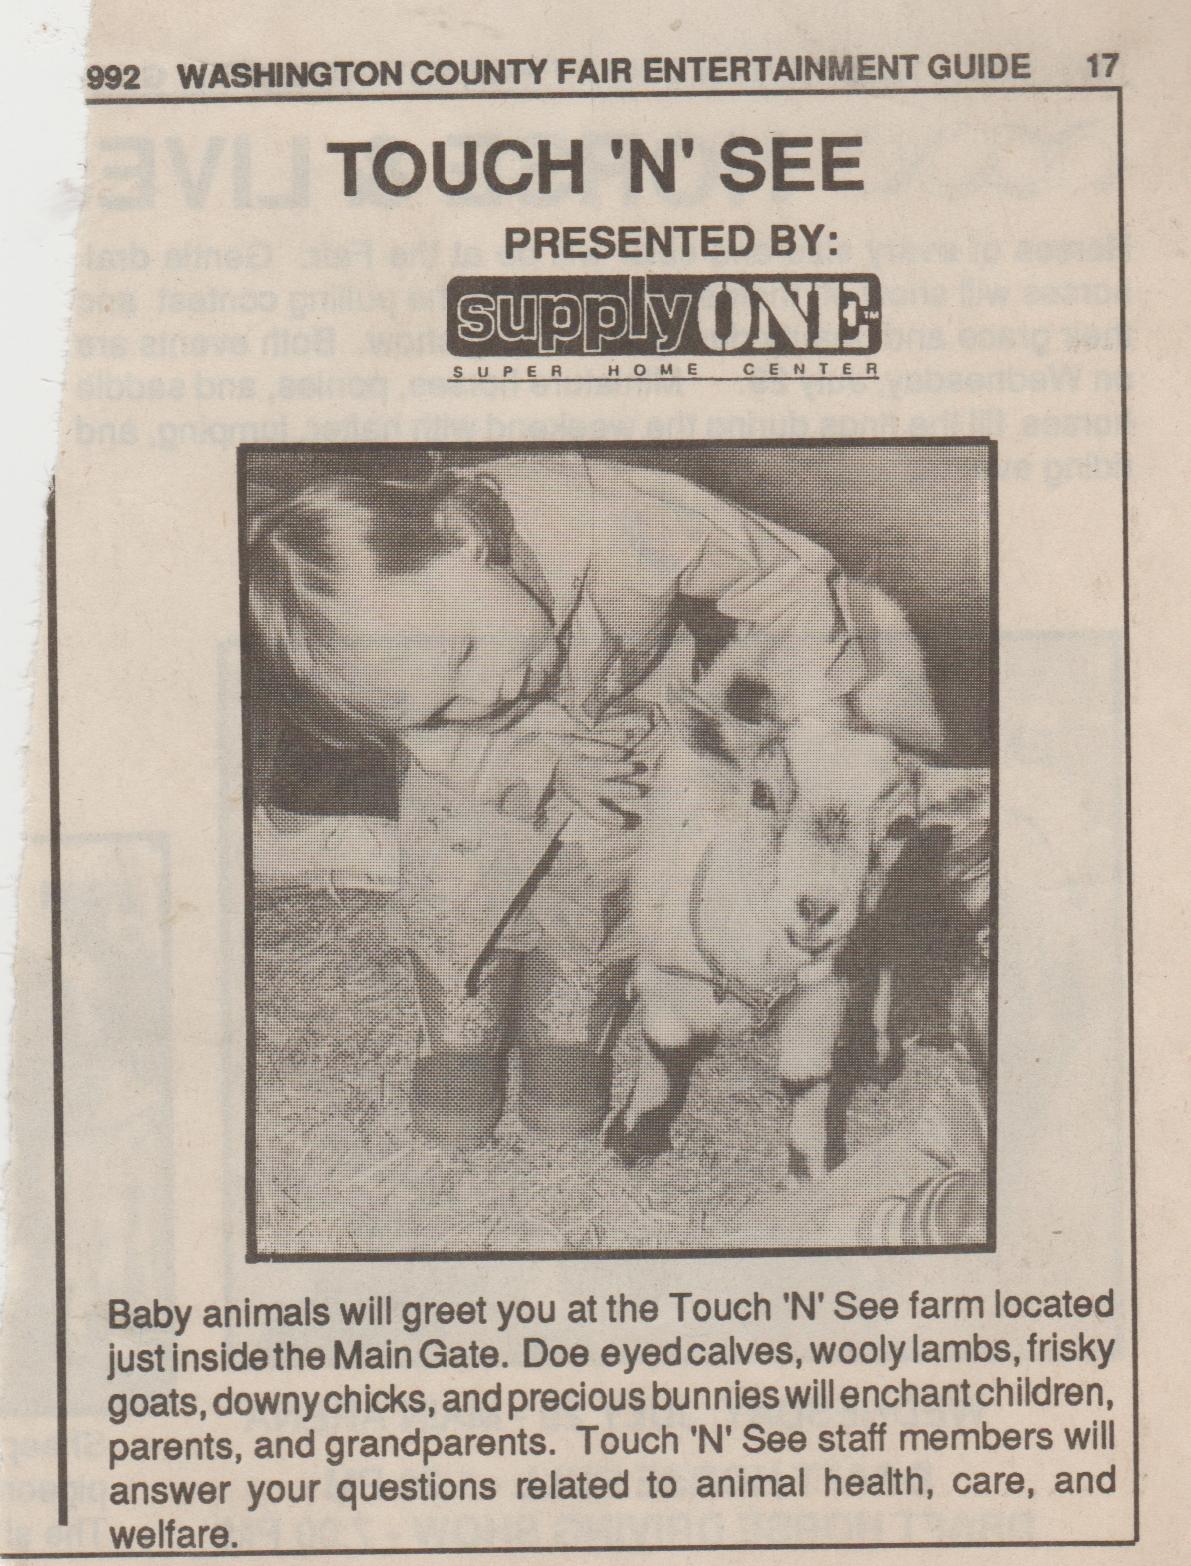 1992-08 apx - Touch N See - Washington County Fair.jpg